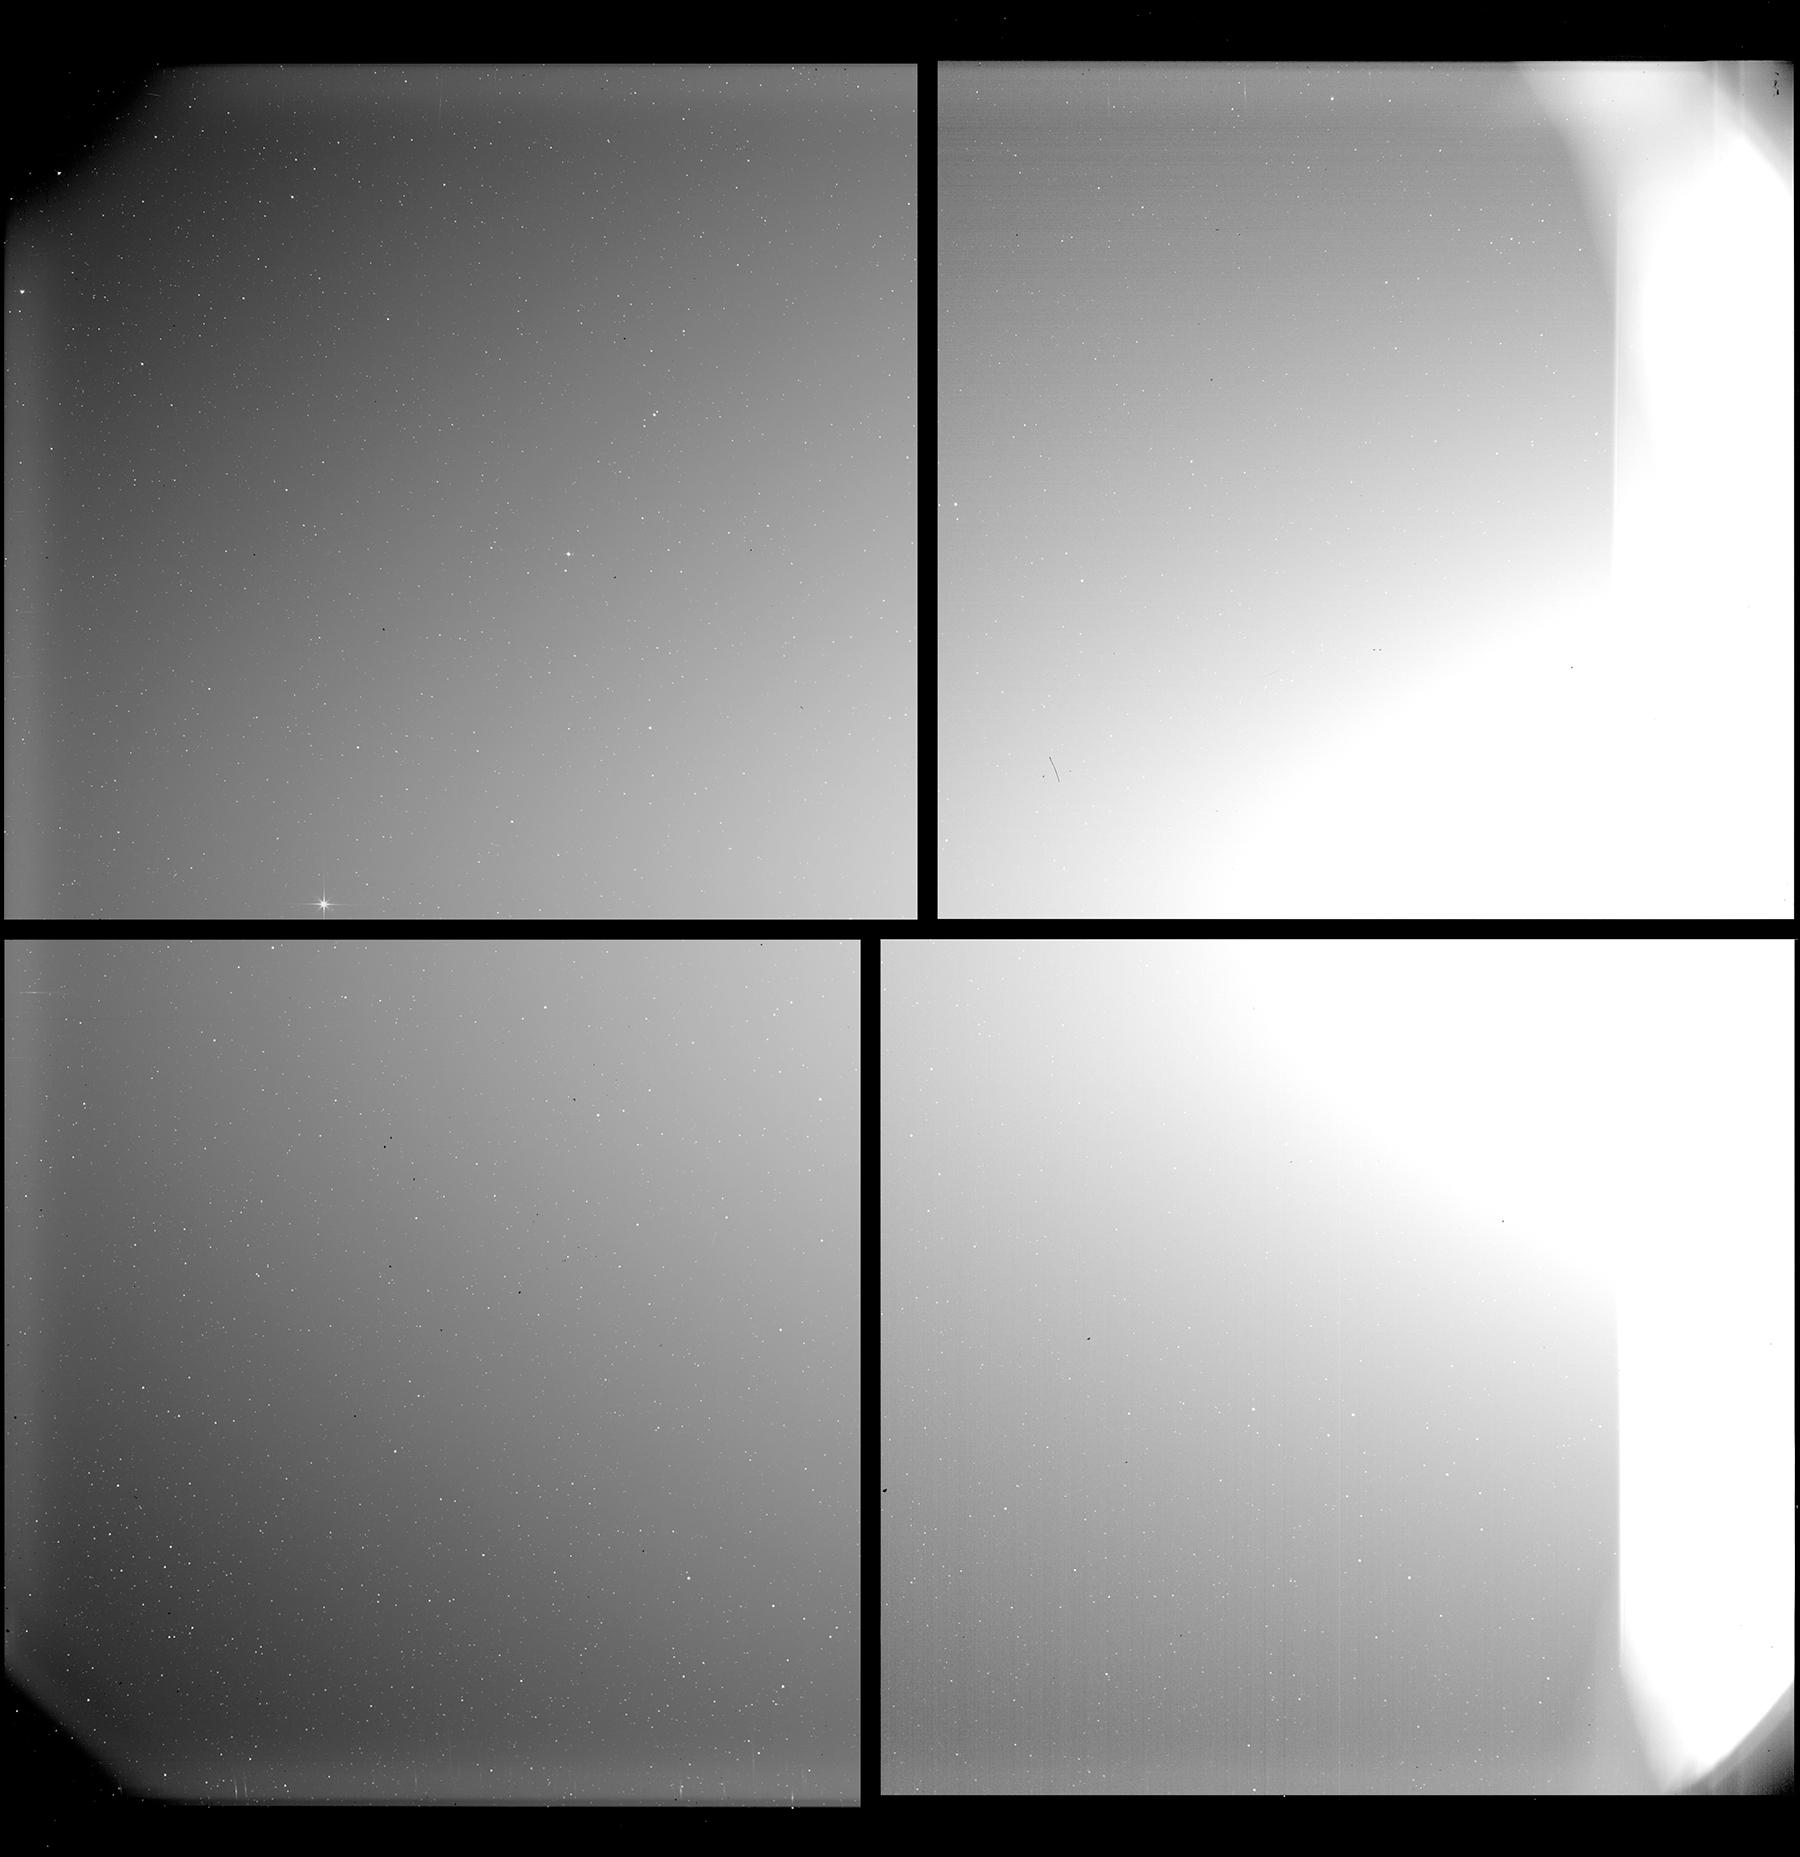 solar-orbiter-zodiacal.jpg